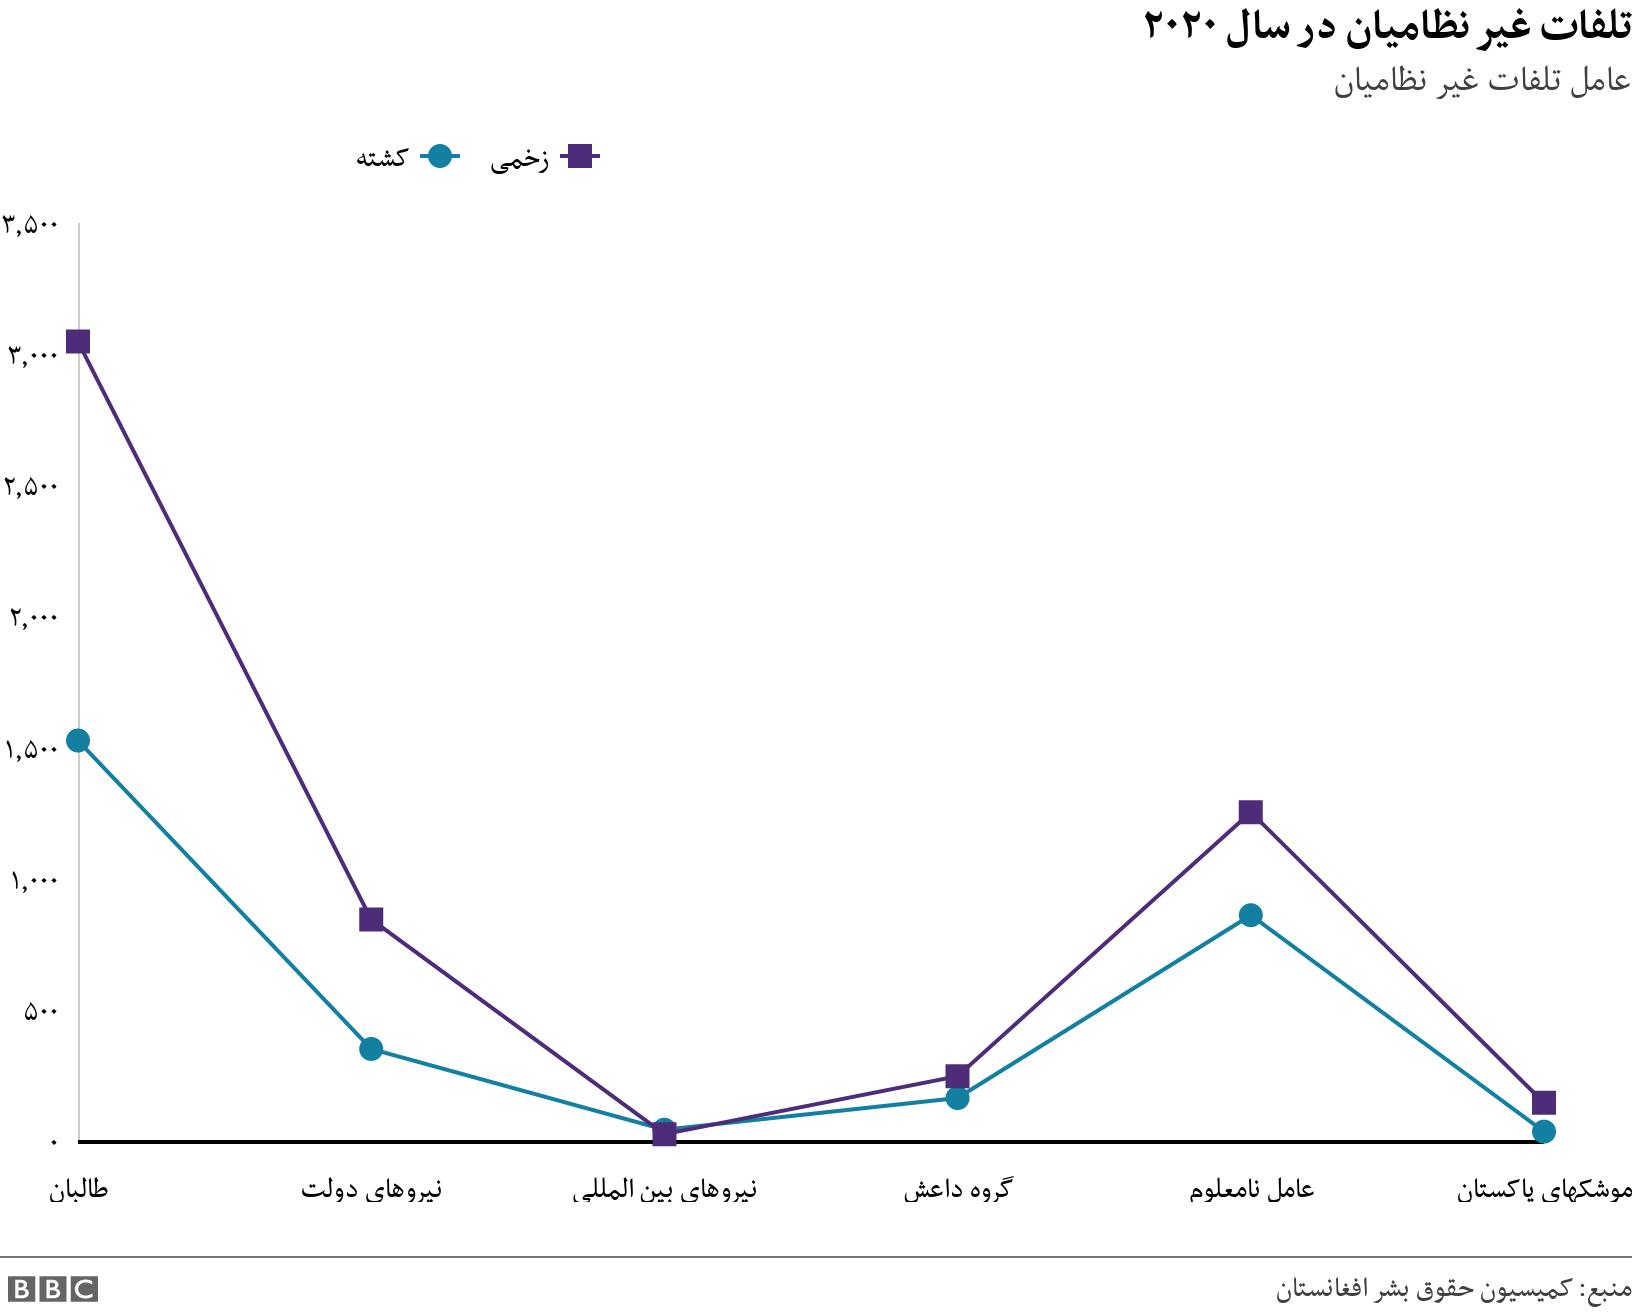 تلفات غیر نظامیان در سال ۲۰۲۰ . عامل تلفات غیر نظامیان.  .